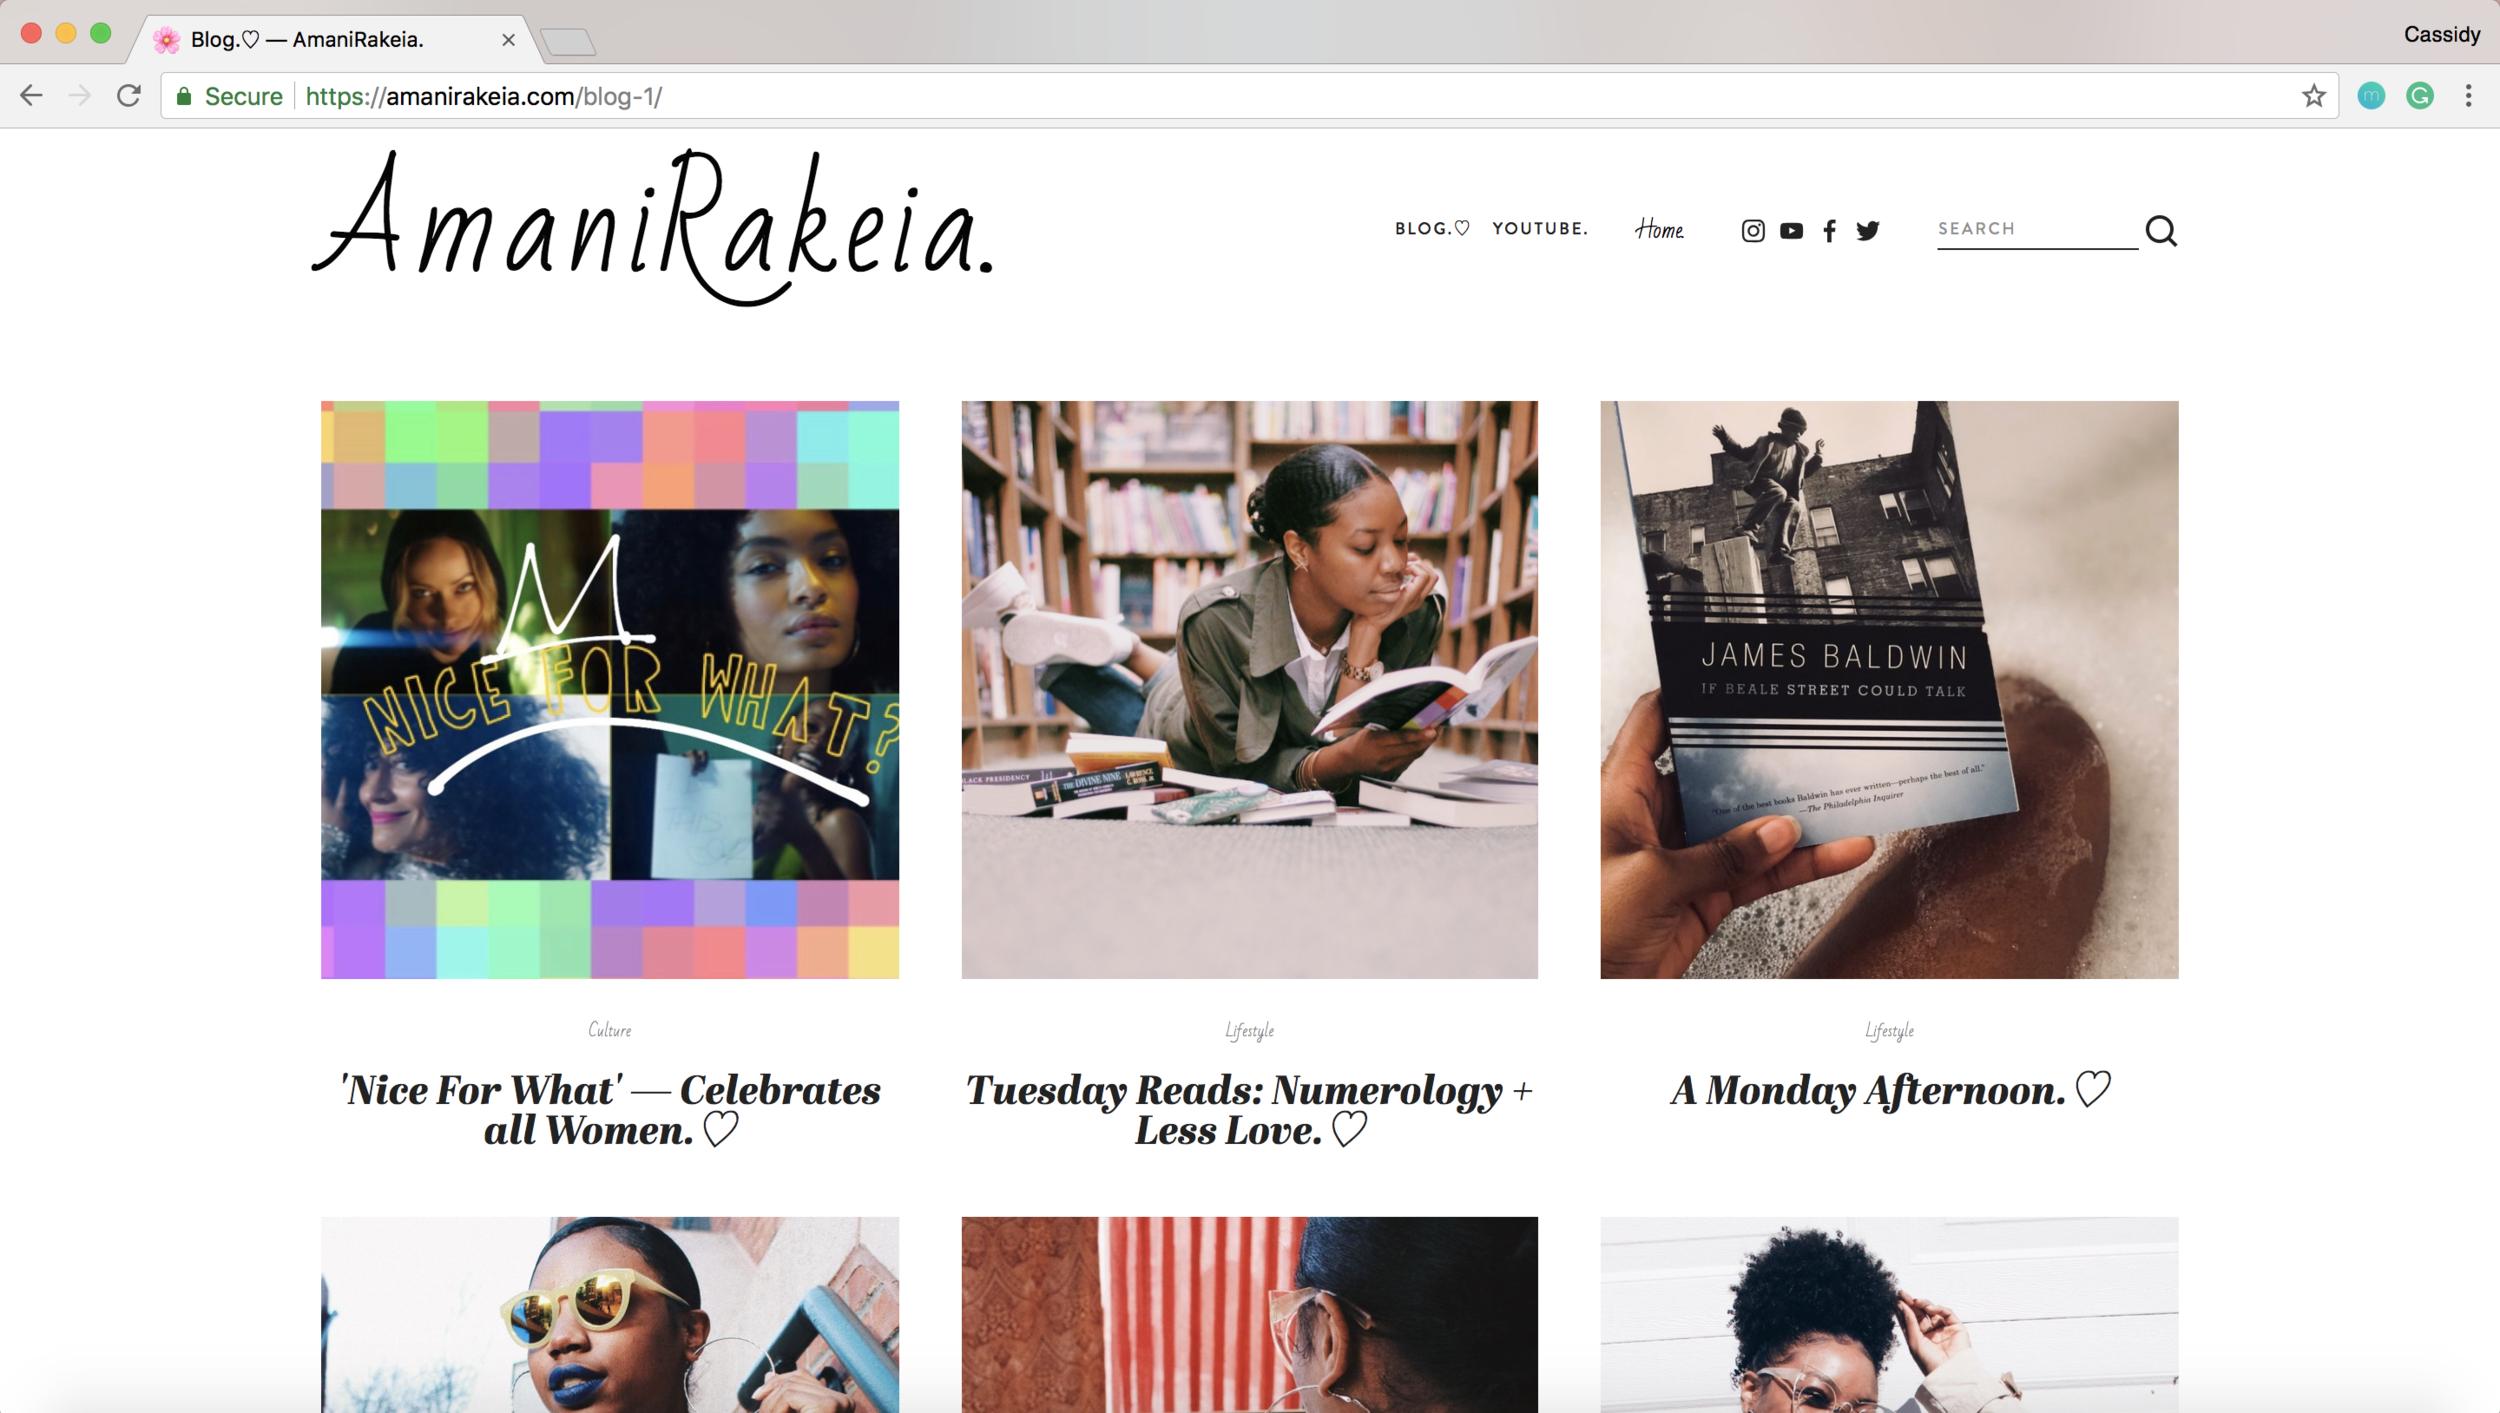 Go check out her blog - https://amanirakeia.com/